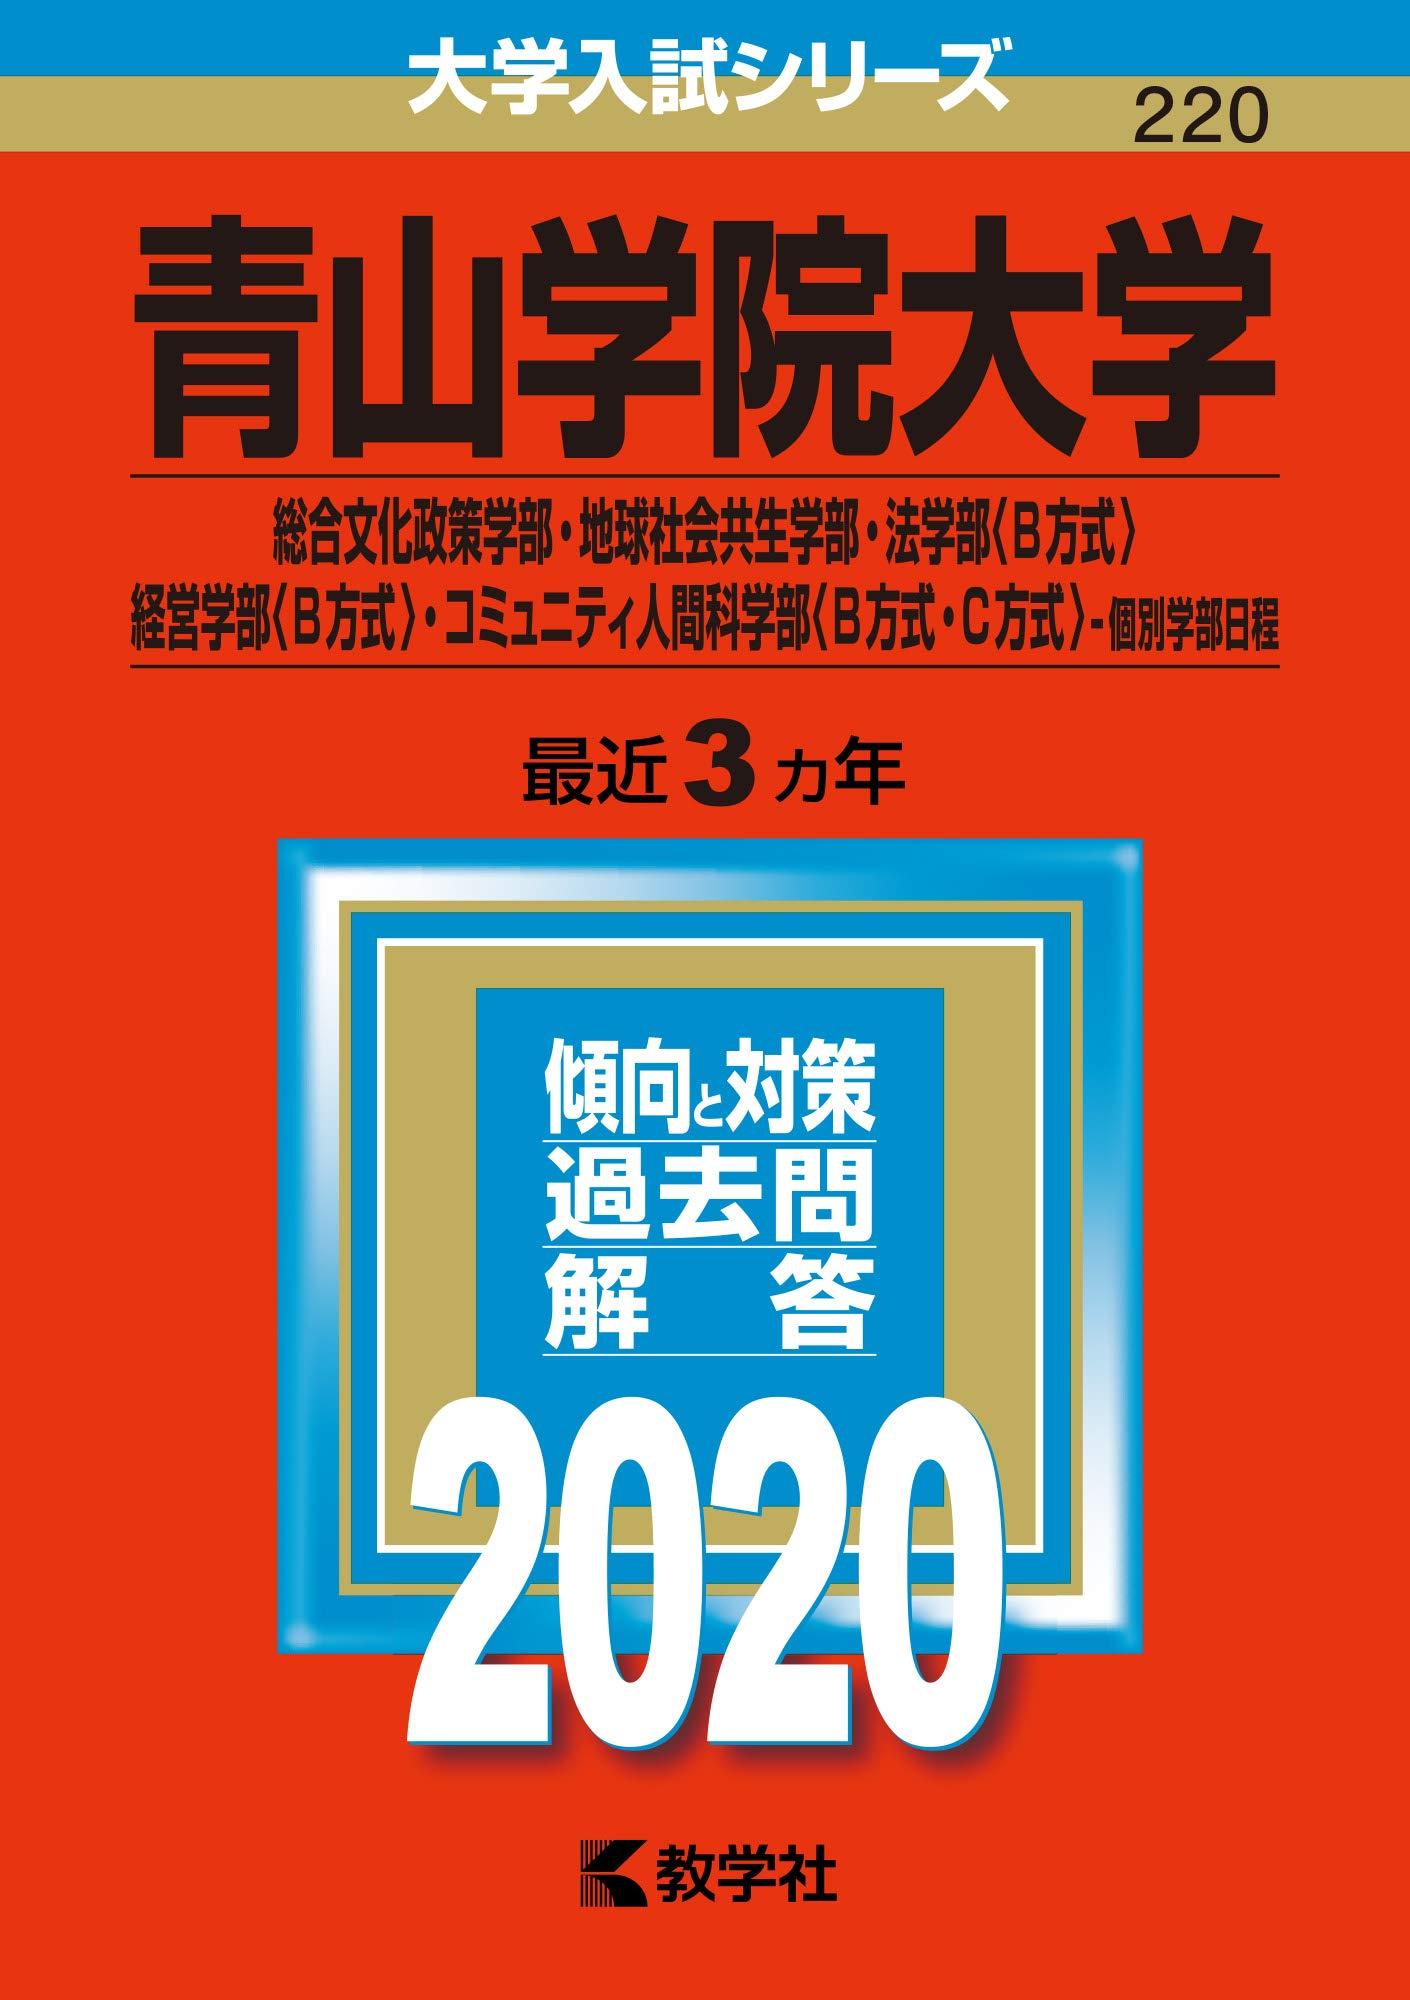 政策 文化 青学 総合 青山学院大学・総合文化政策学部とは!?文化やアートのトータルプロデューサーを育てる!?